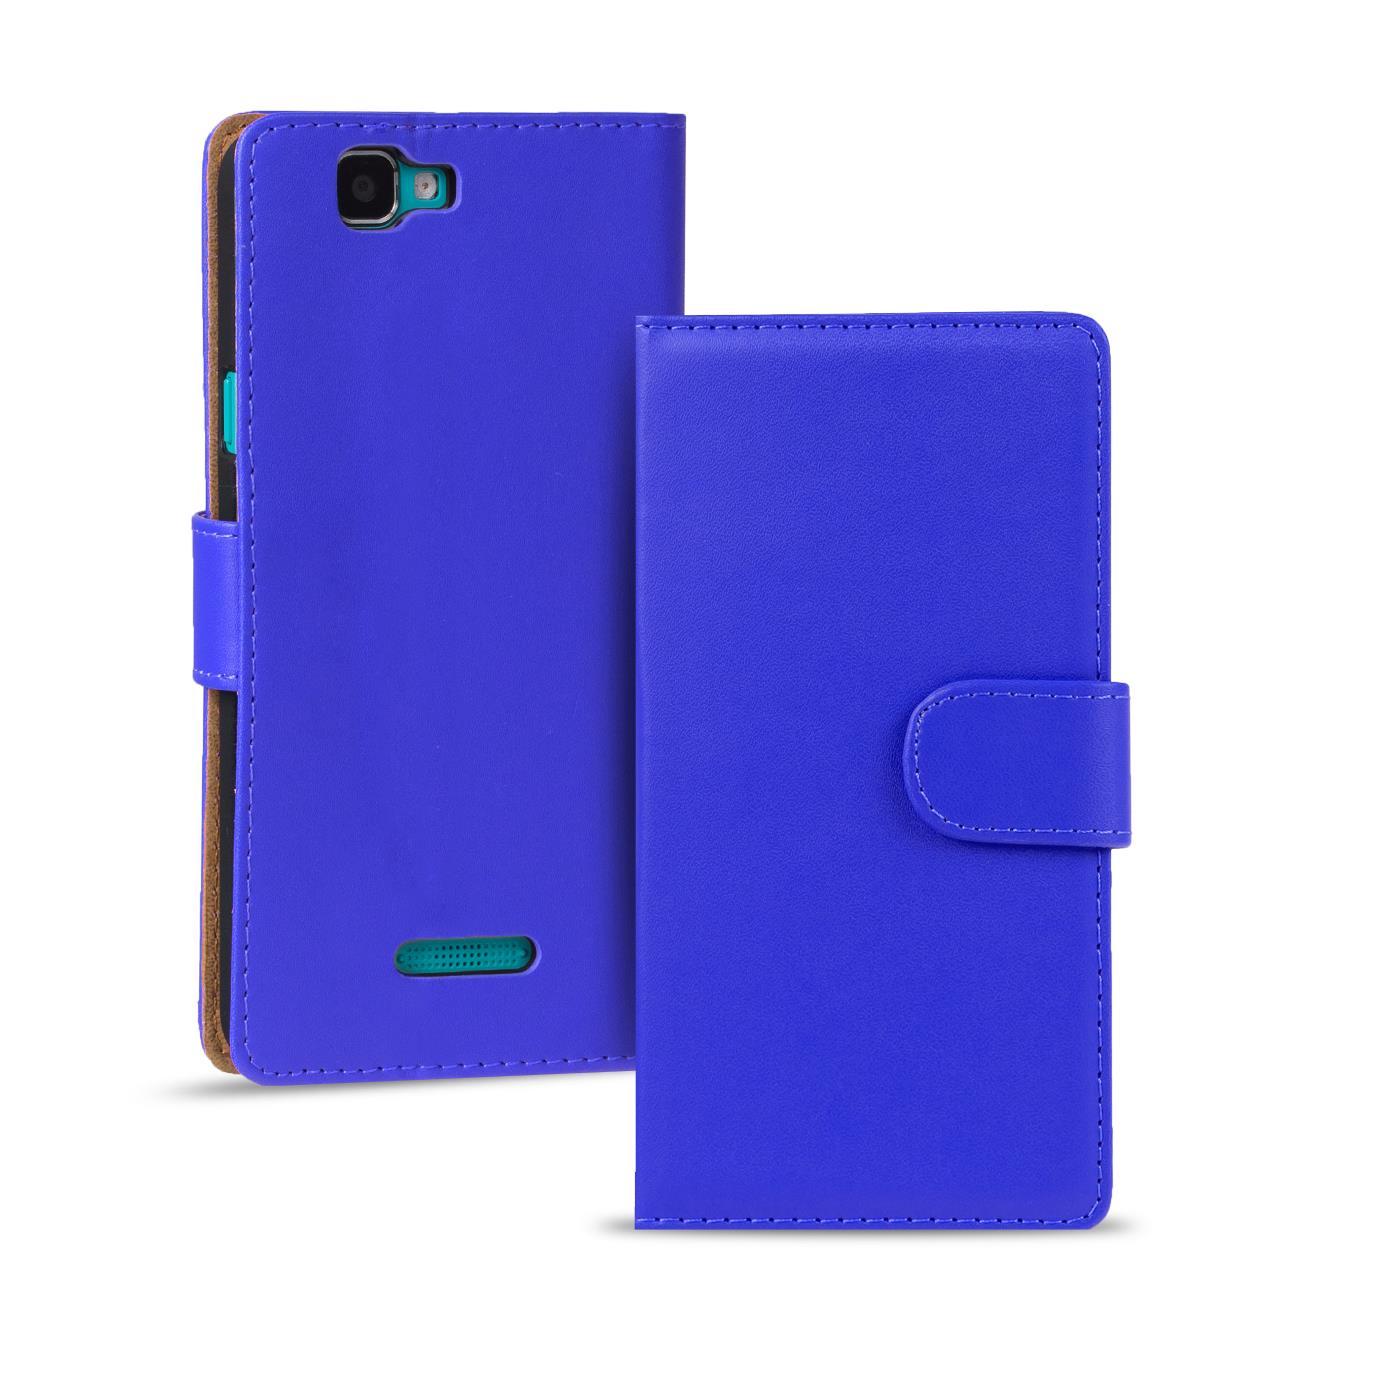 Handy-Huelle-fuer-Wiko-Modelle-Case-Schutz-Tasche-Cover-Basic-Wallet-Flip-Etui